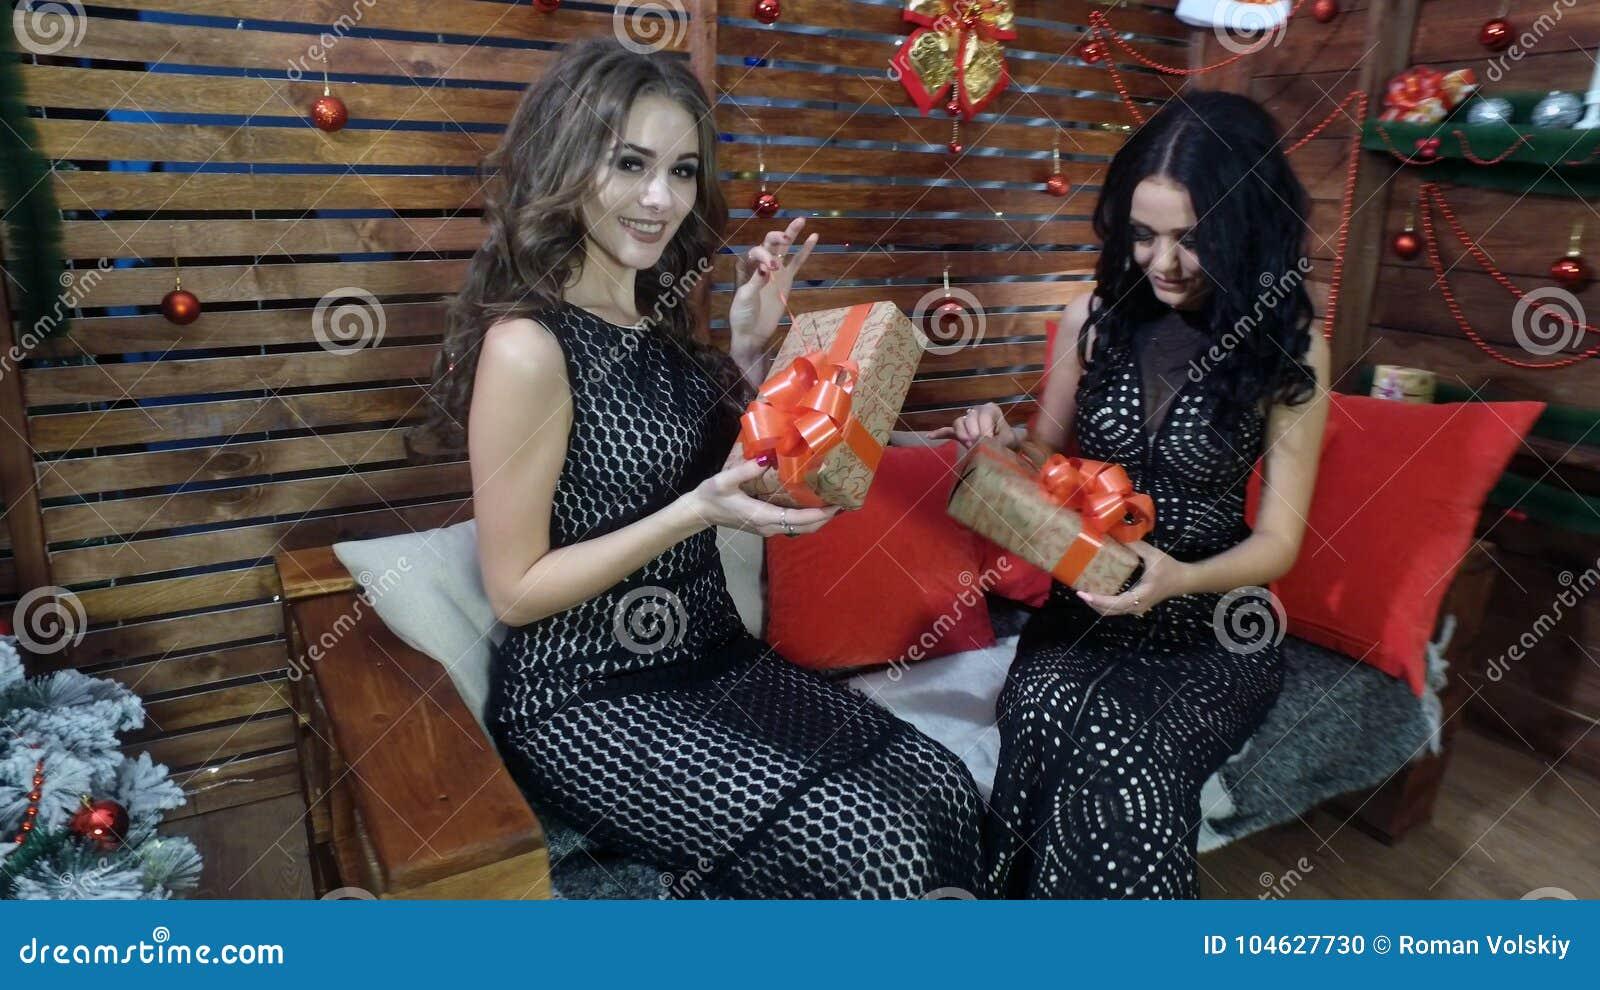 Download Twee Mooie Meisjes In Zwarte Kleding Met Feestelijke Dozen In Hun Handen Stock Foto - Afbeelding bestaande uit steunen, wijfje: 104627730